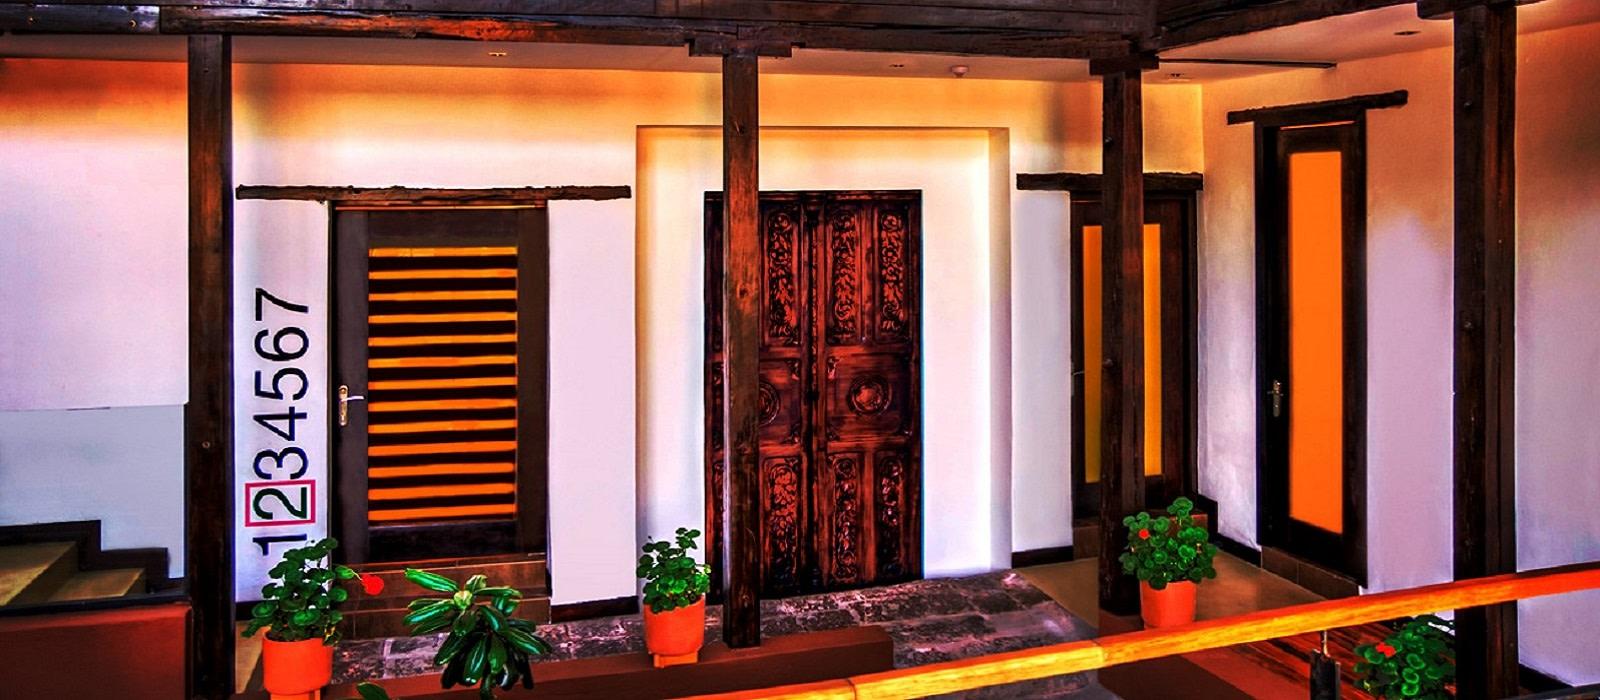 Hotel Casa Gardenia Ecuador/Galapagos